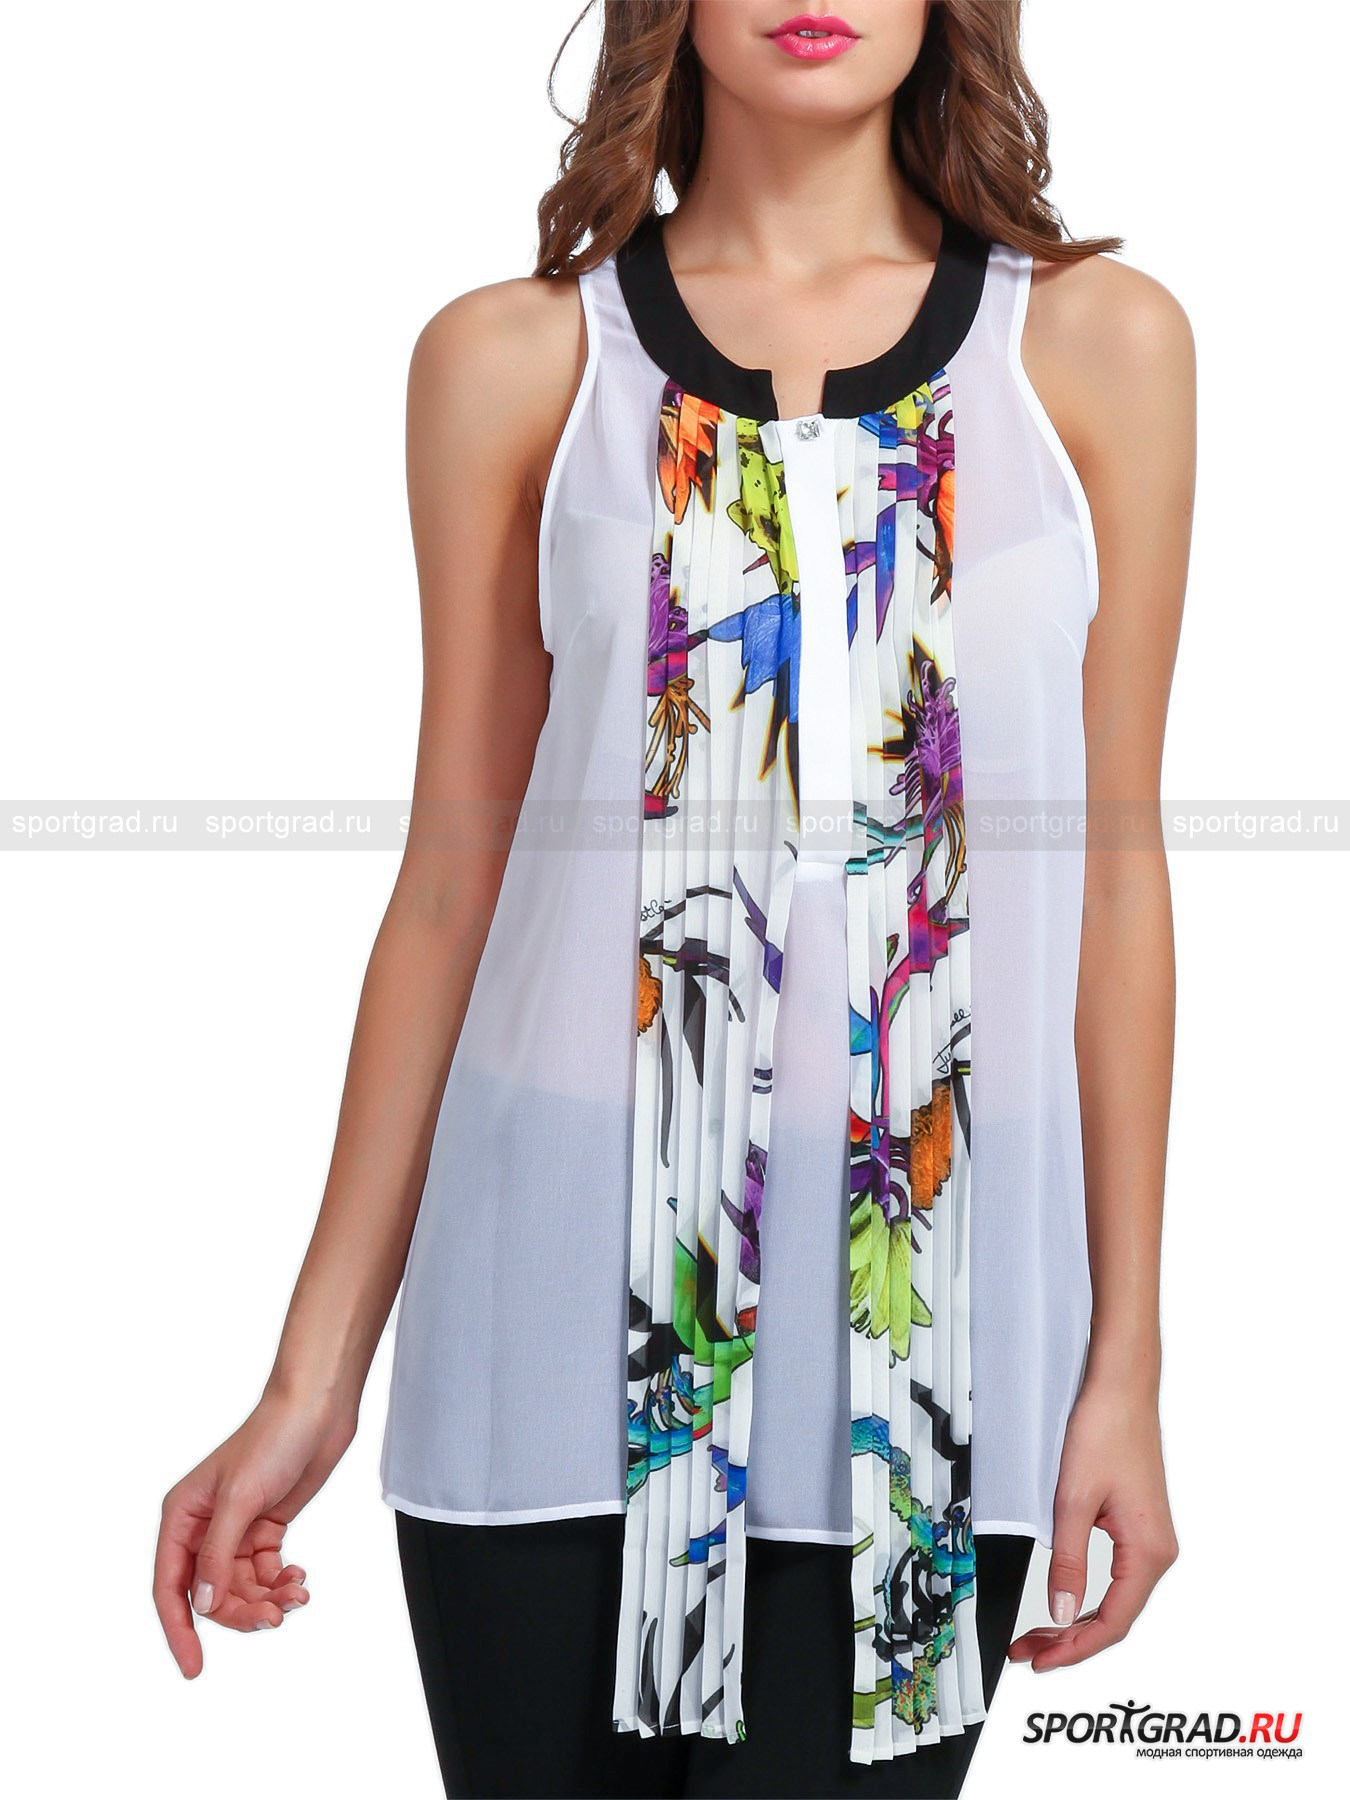 Блузка женская JUST CAVALLI без рукавовРубашки<br>Оригинальная женская блузка JUST CAVALLI с гофрированными, расписанными цветочным принтом оборками, обрамляющими супатную застежку, - нетривиальная летняя модель, имитирующая свободно ниспадающие концы «шарфика» спереди, которые будут забавно развеваться при ходьбе, приковывая к Вам внимание. Благодаря своему элегантному внешнему облику изделие из прозрачного полотна, дополненное строгими укороченными брюками, будет уместно смотреться на корпоративе, в аутлет-центре и в любом другом месте, где бы Вам хотелось произвести на окружающих впечатление. <br><br>Блузка имеет:<br>- свободный крой;<br>- округлый вырез горловины, обрамленный контрастным по цвету воротником-стойкой;<br>- удобную широкую пройму с фигурным подрезом сзади;<br>- вытачки на груди для лучшей посадки;<br>- разрез на пуговицах, прикрытый потайной планкой, оставившей на поверхности видимой квадратную пуговку-стразу (в прозрачном пакетике имеется такая запасная).<br>Длина изделия сзади по центру от верхней точки до низа ок. 65 см, ширина в груди 48 см, ширина по бедрам 51 см (размер S).<br><br>Пол: Женский<br>Возраст: Взрослый<br>Тип: Рубашки<br>Рекомендации по уходу: Изделию показана глажка при температуре, не превышающей 110°, и бережная химчистка. Запрещены стирка, отбеливание и сушка в стиральной машине или электросушилке для белья.<br>Состав: 100% полиэстер